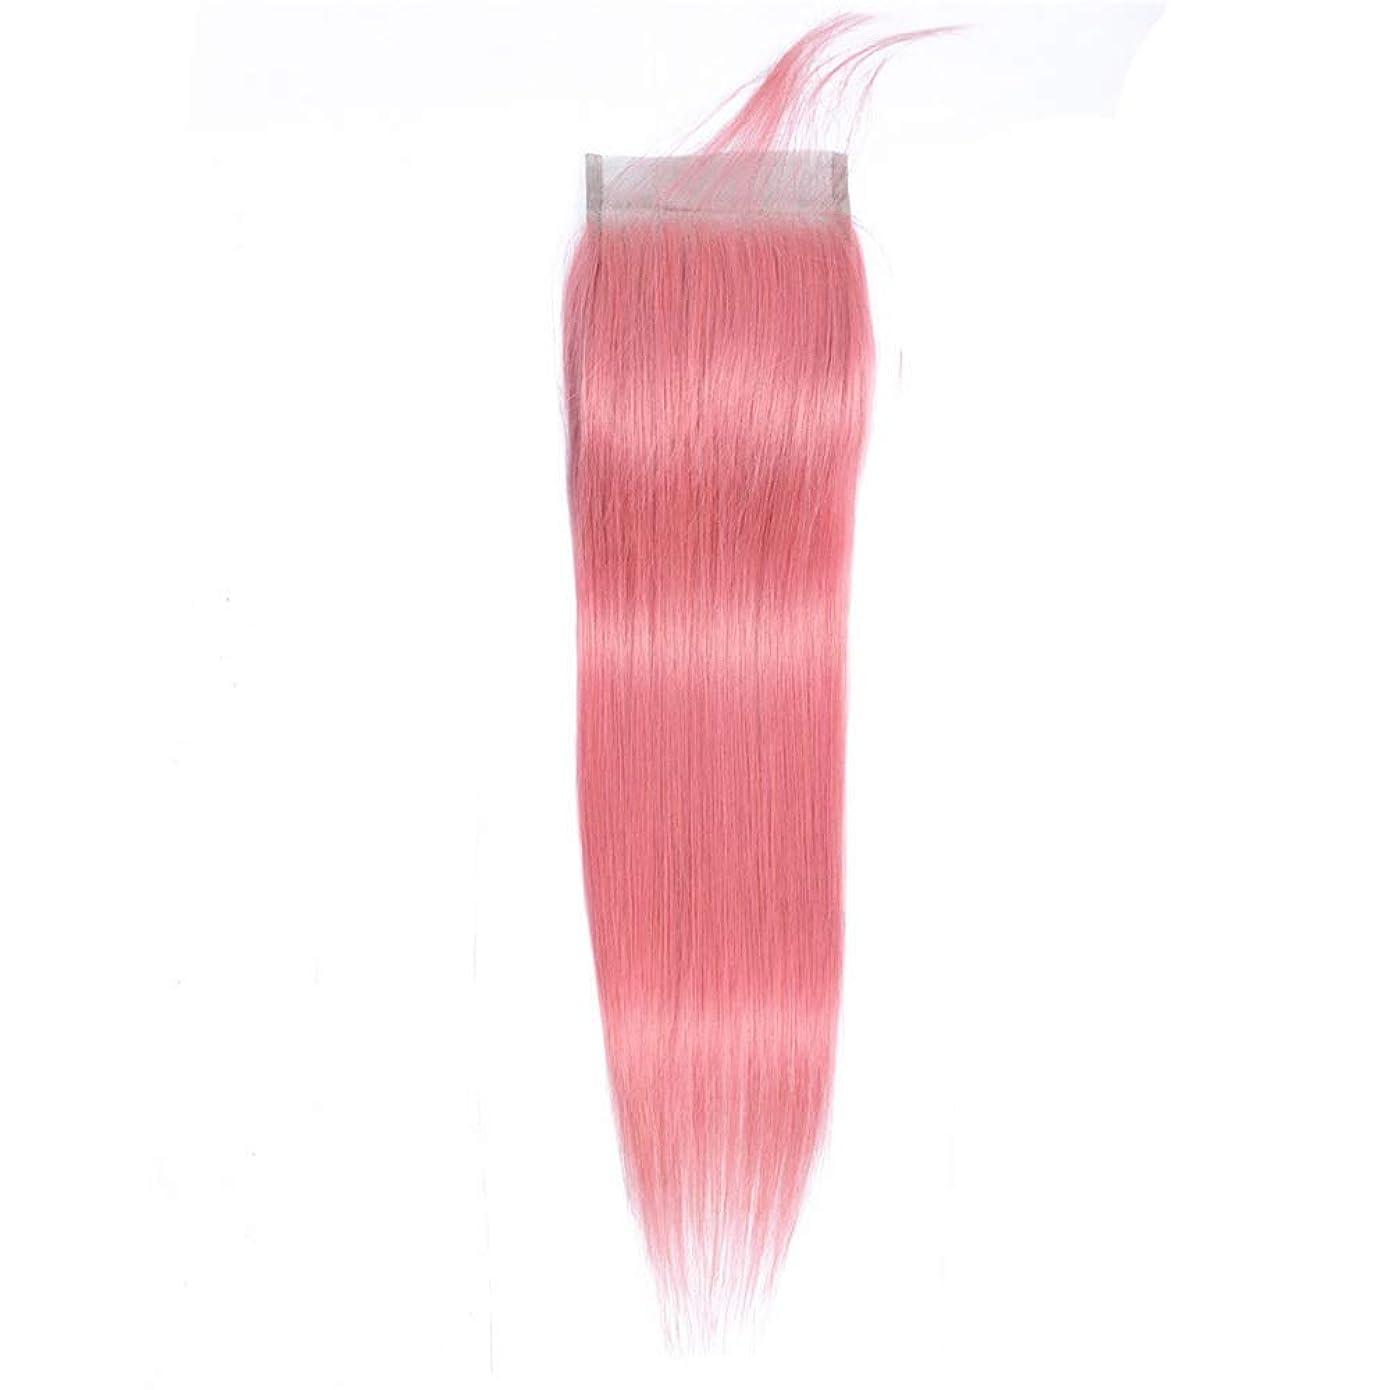 トリクル飾るビリーBOBIDYEE レースの閉鎖無料パート4 * 4レースの正面閉鎖(10インチ-16インチ)ファッションウィッグとピンクの100%人毛ブラジルストレートヘア (色 : ピンク, サイズ : 12 inch)